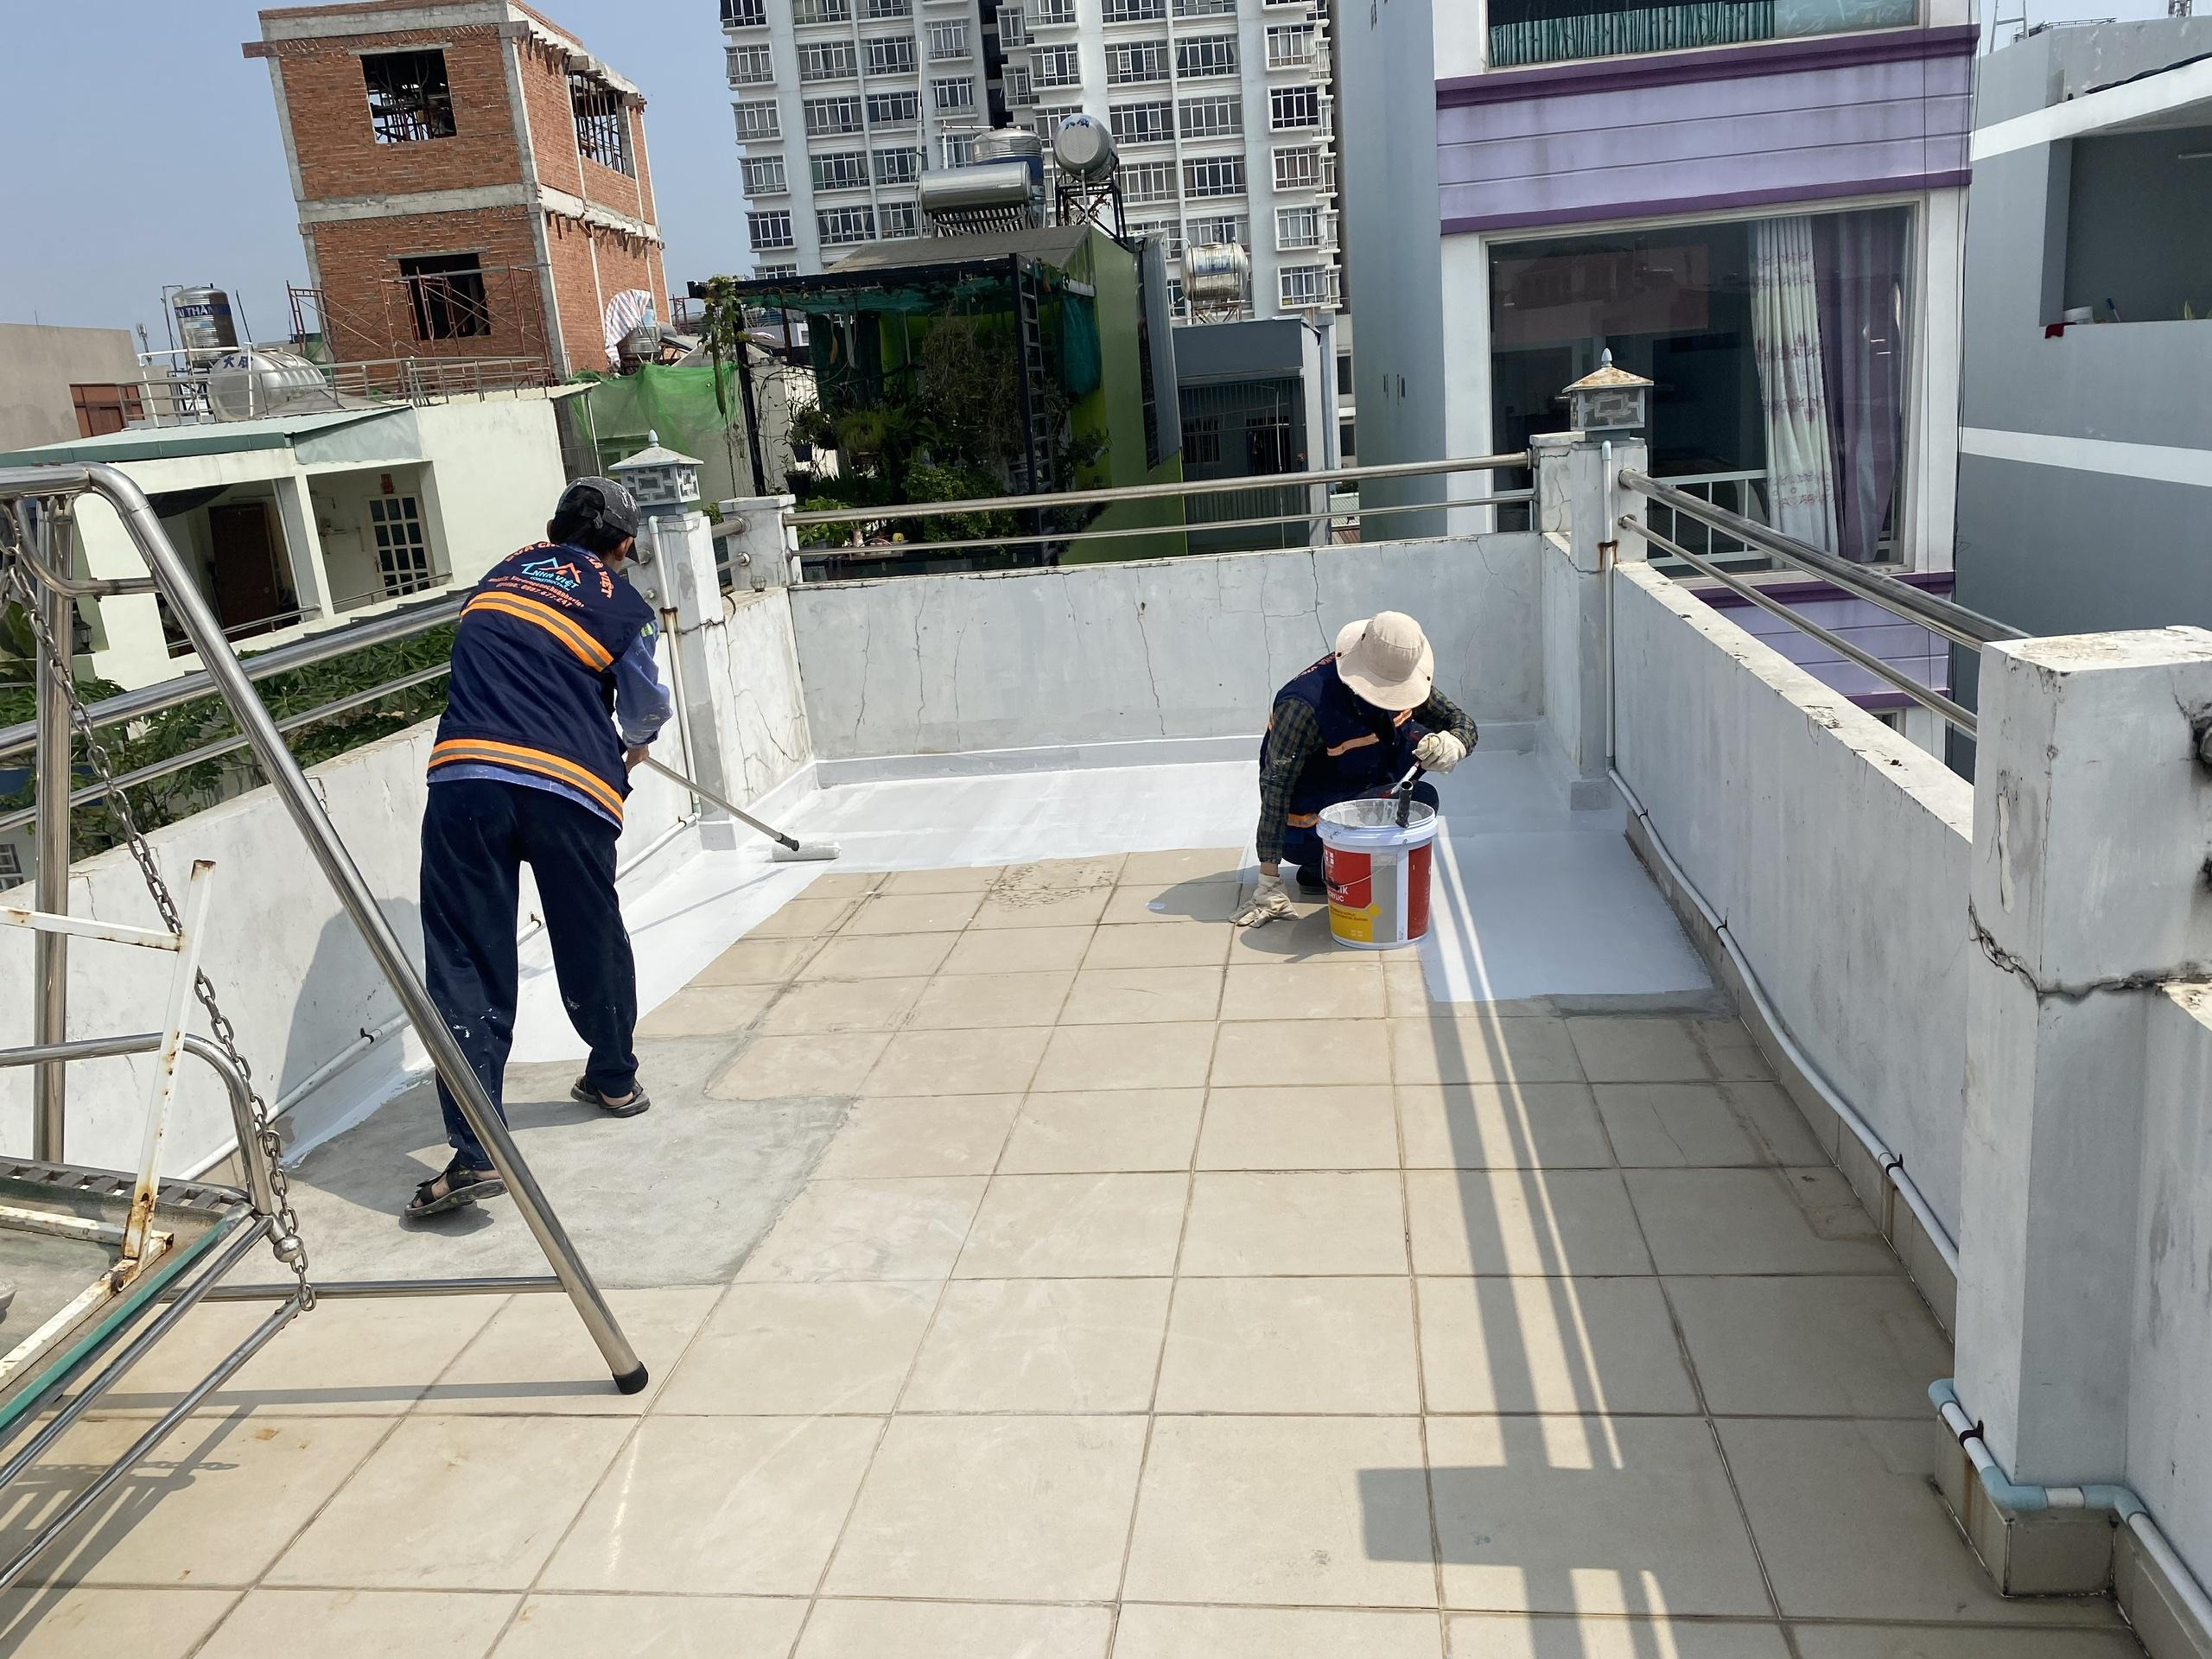 vat lieu chong tham san thuong 6 - 5 Vật liệu chống thấm sân thượng tốt nhất đảm bảo chất lượng hiện nay